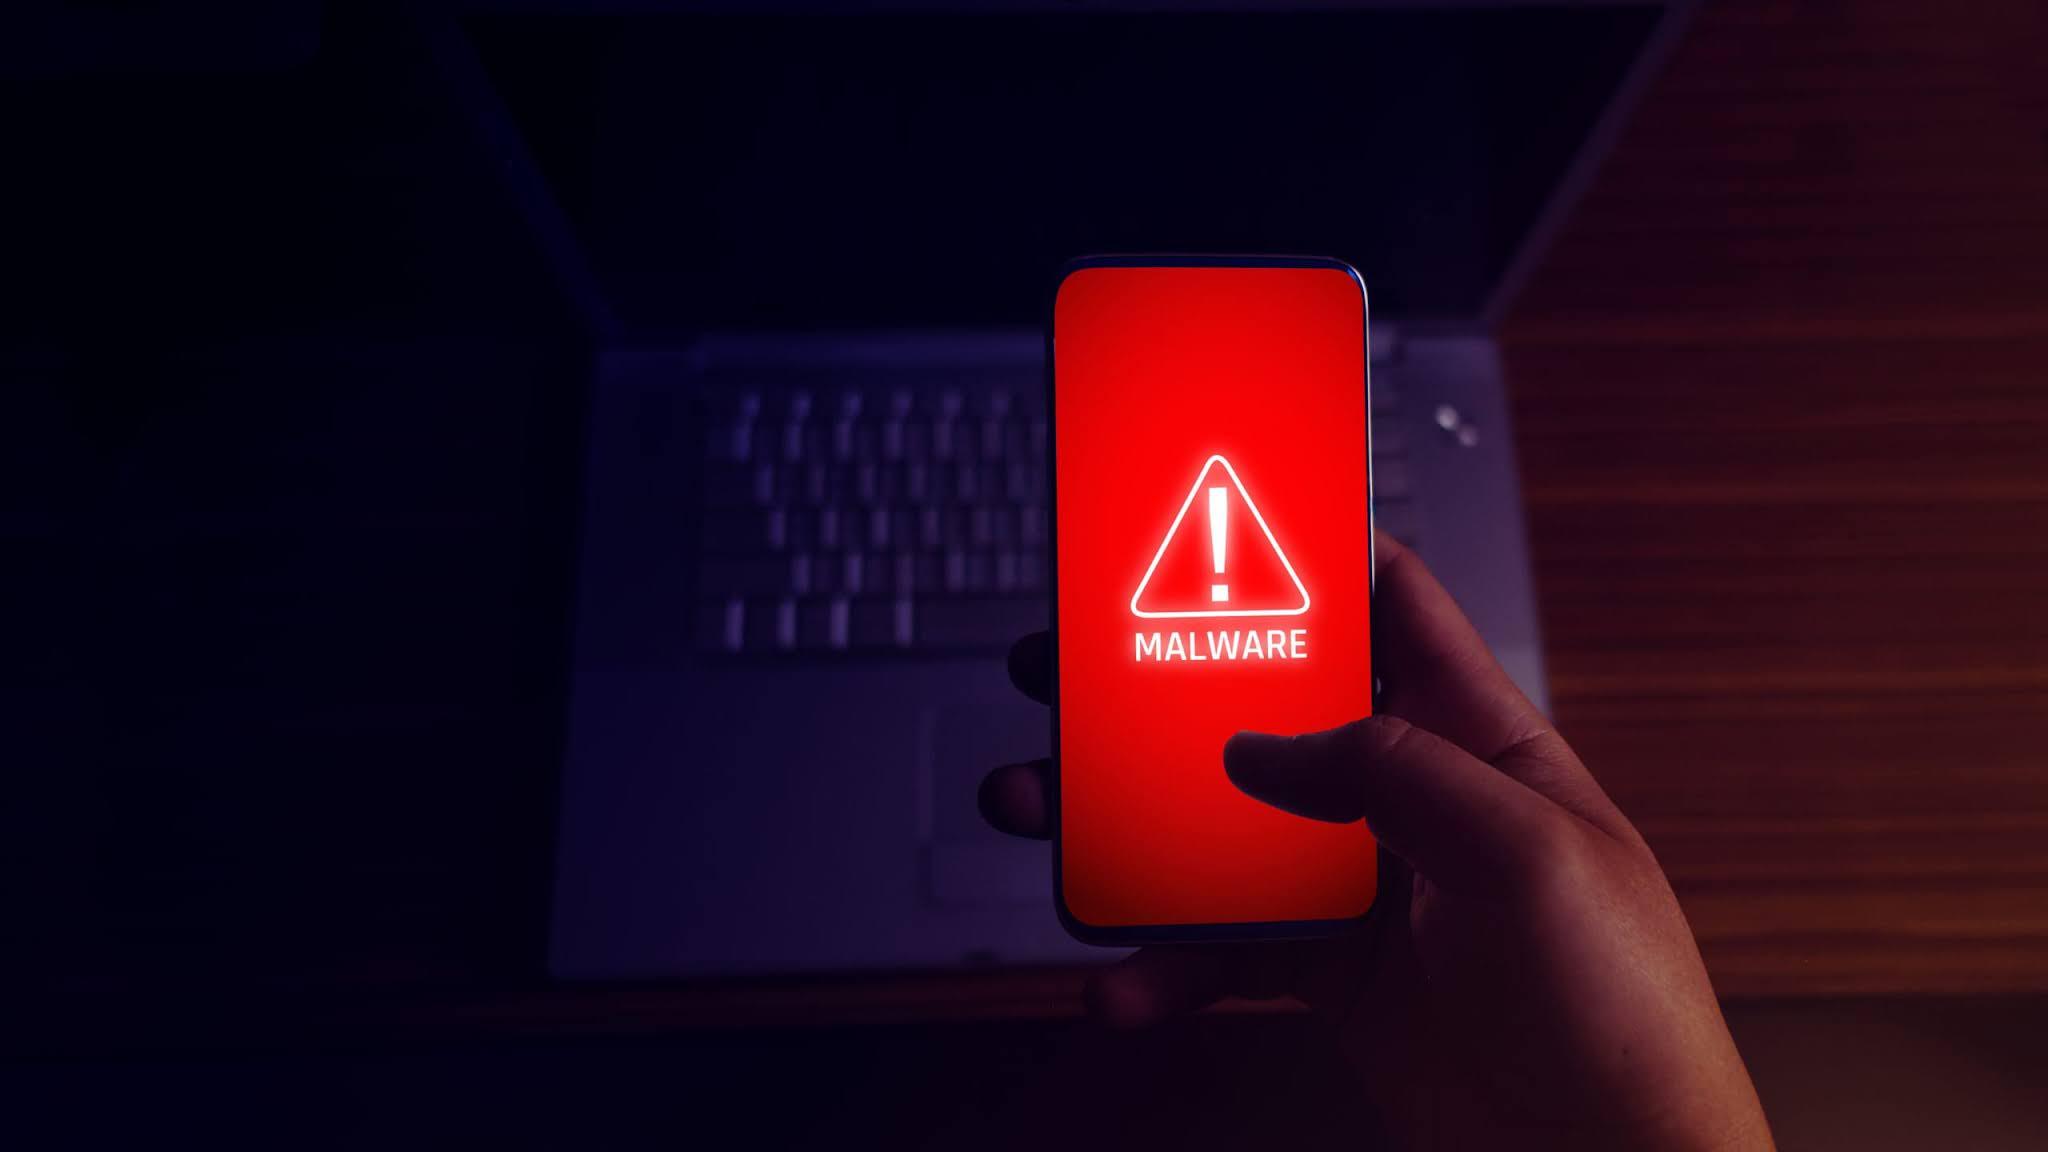 تطبيقات شهيرة غاية في الخطورة سارع بحذفها من هاتفك على الفور!